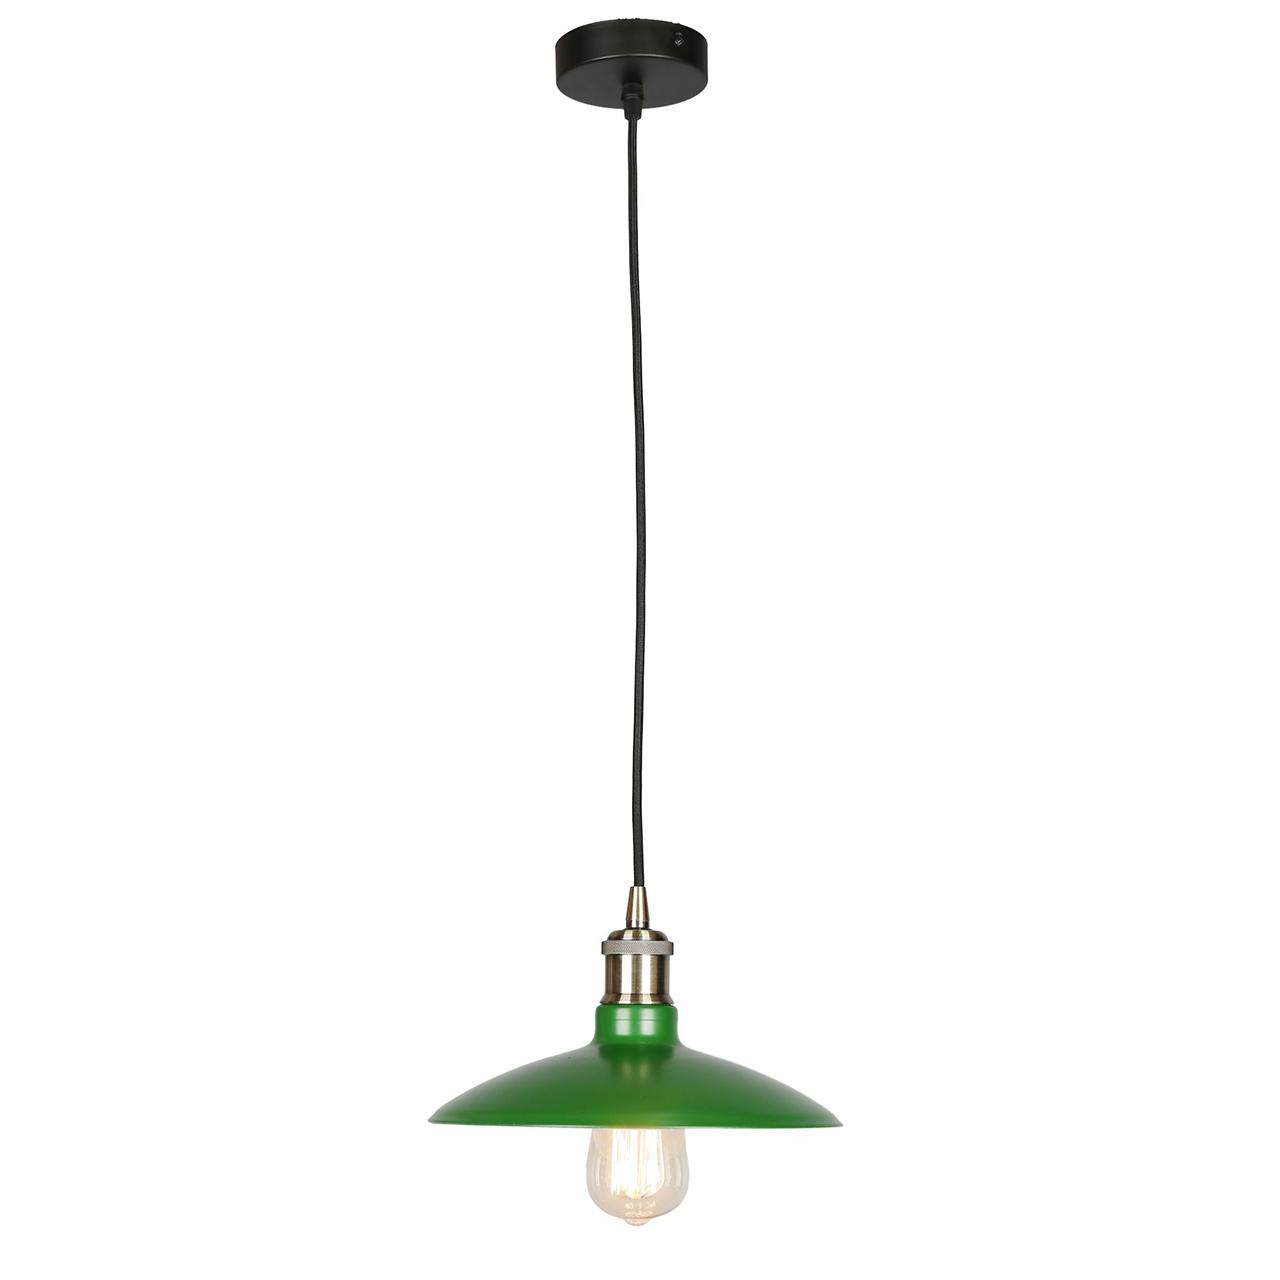 Подвесной светильник Omnilux OML-90826-01 omnilux подвесной светильник omnilux busachi oml 48313 50